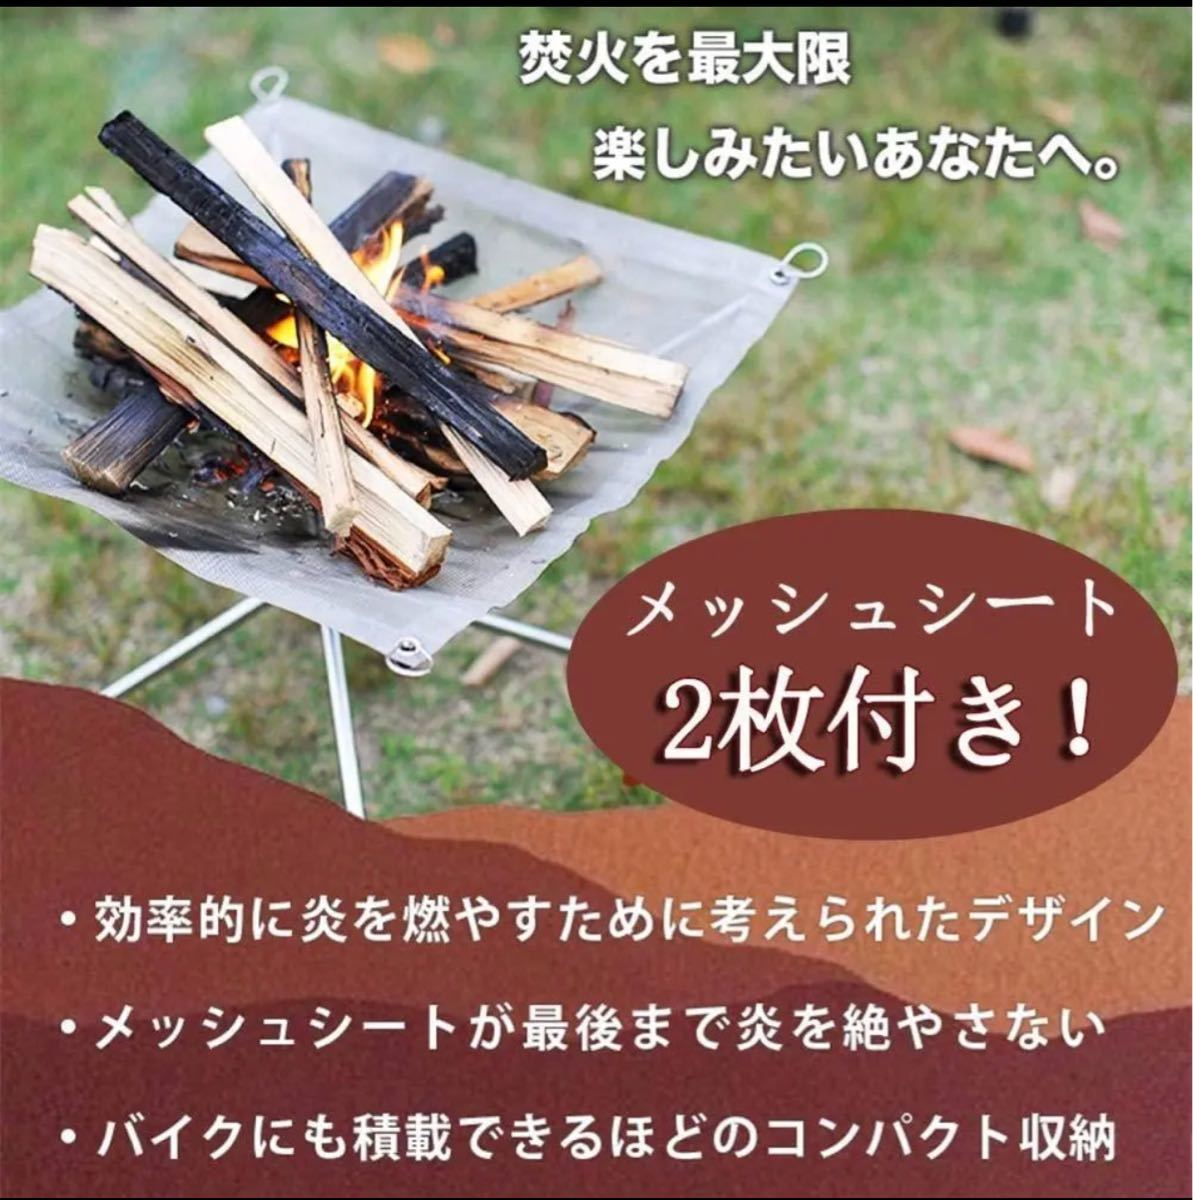 焚き火台 メッシュ2枚付 折りたたみ式 焚き火スタンド アウトドア キャンプ用品